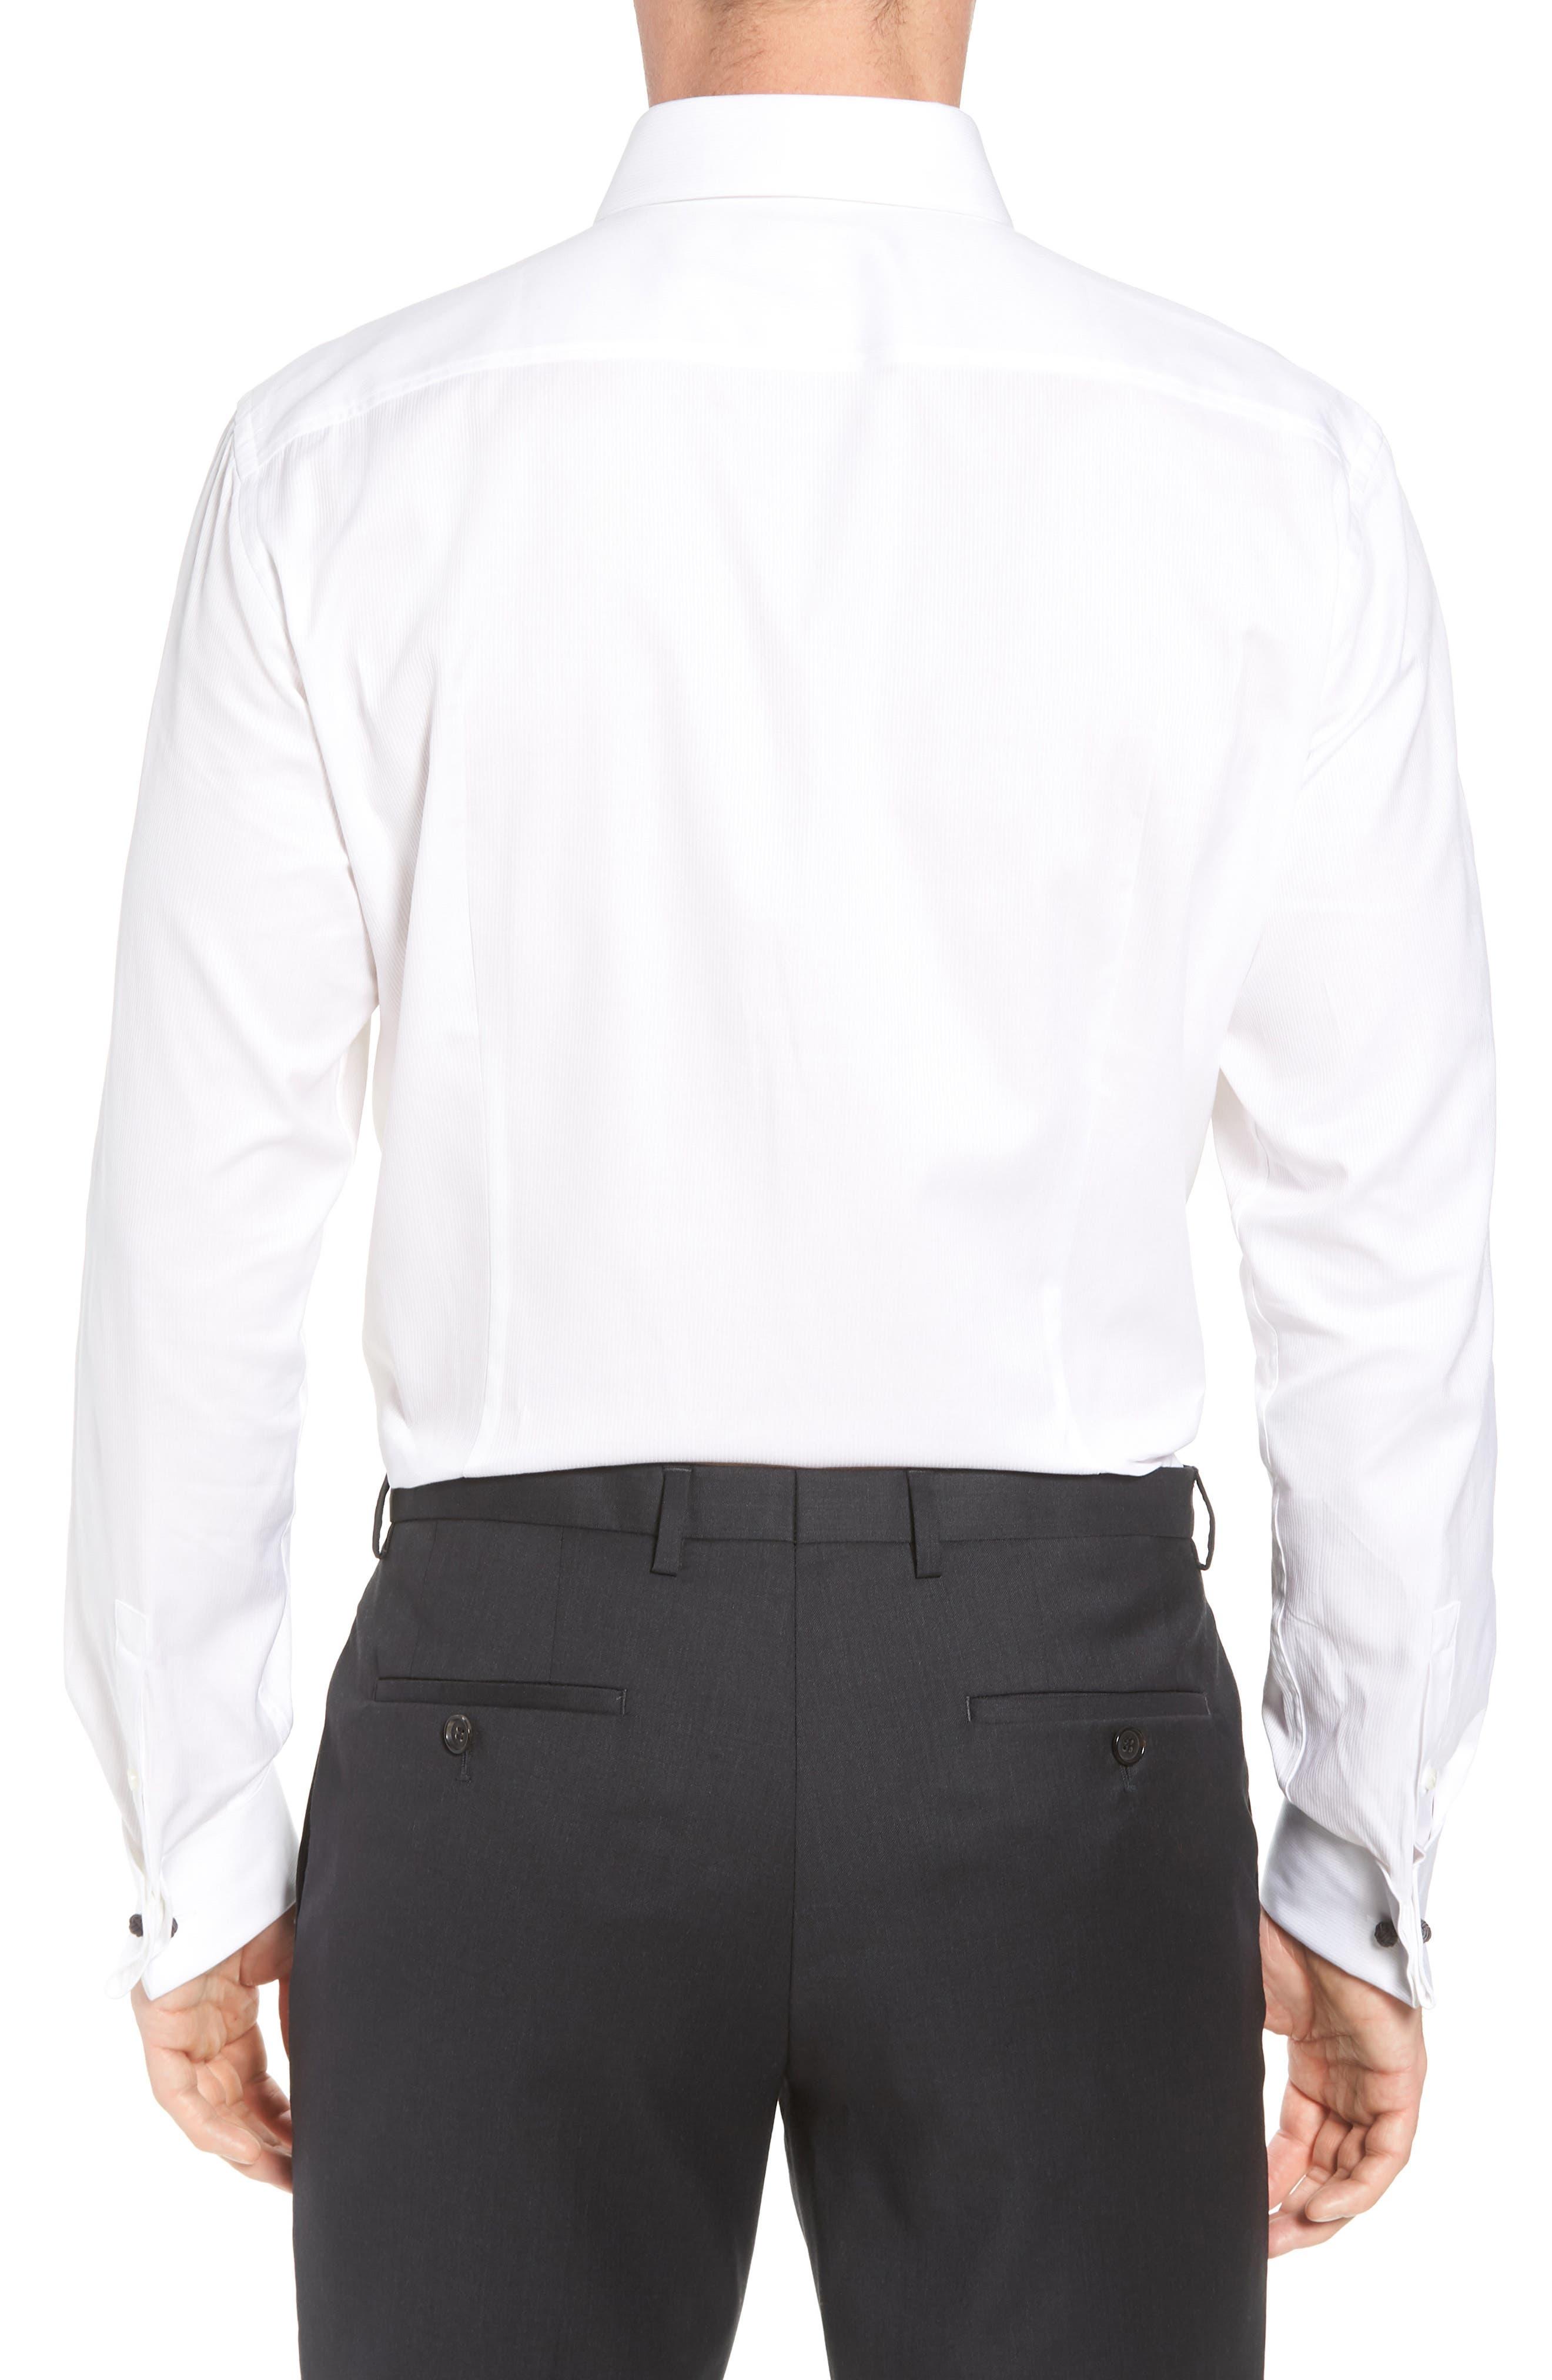 Myron Sharp Fit Tuxedo Shirt,                             Alternate thumbnail 3, color,                             White